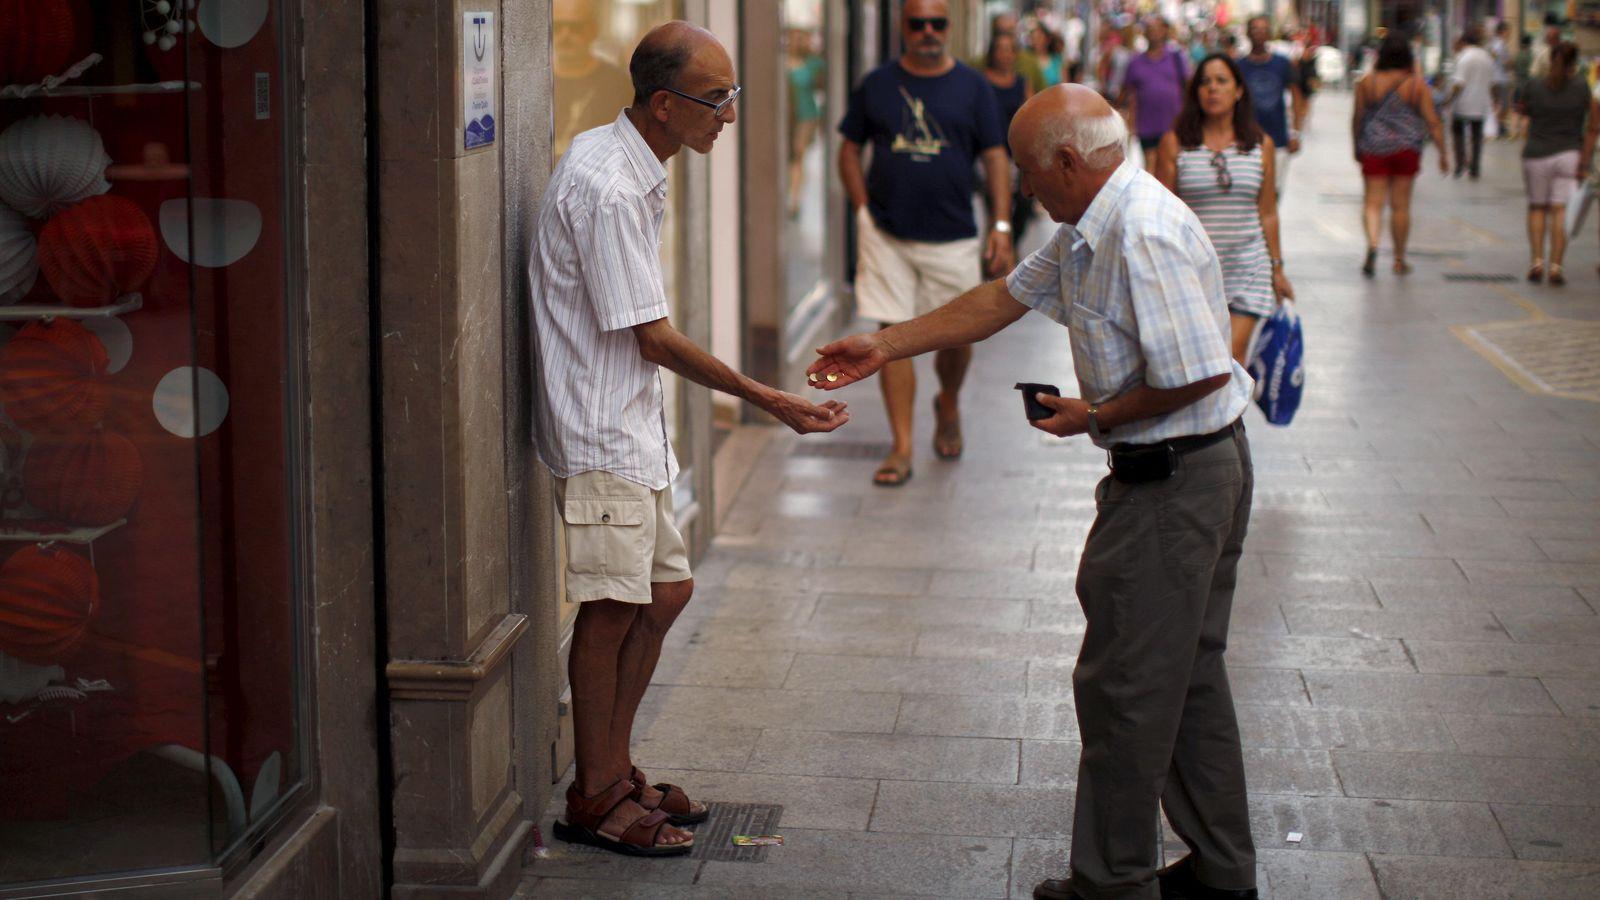 Foto: Un hombre pide dinero en el centro de Ronda. El sur de España concentra el mayor número de municipios pobres. (Reuters)